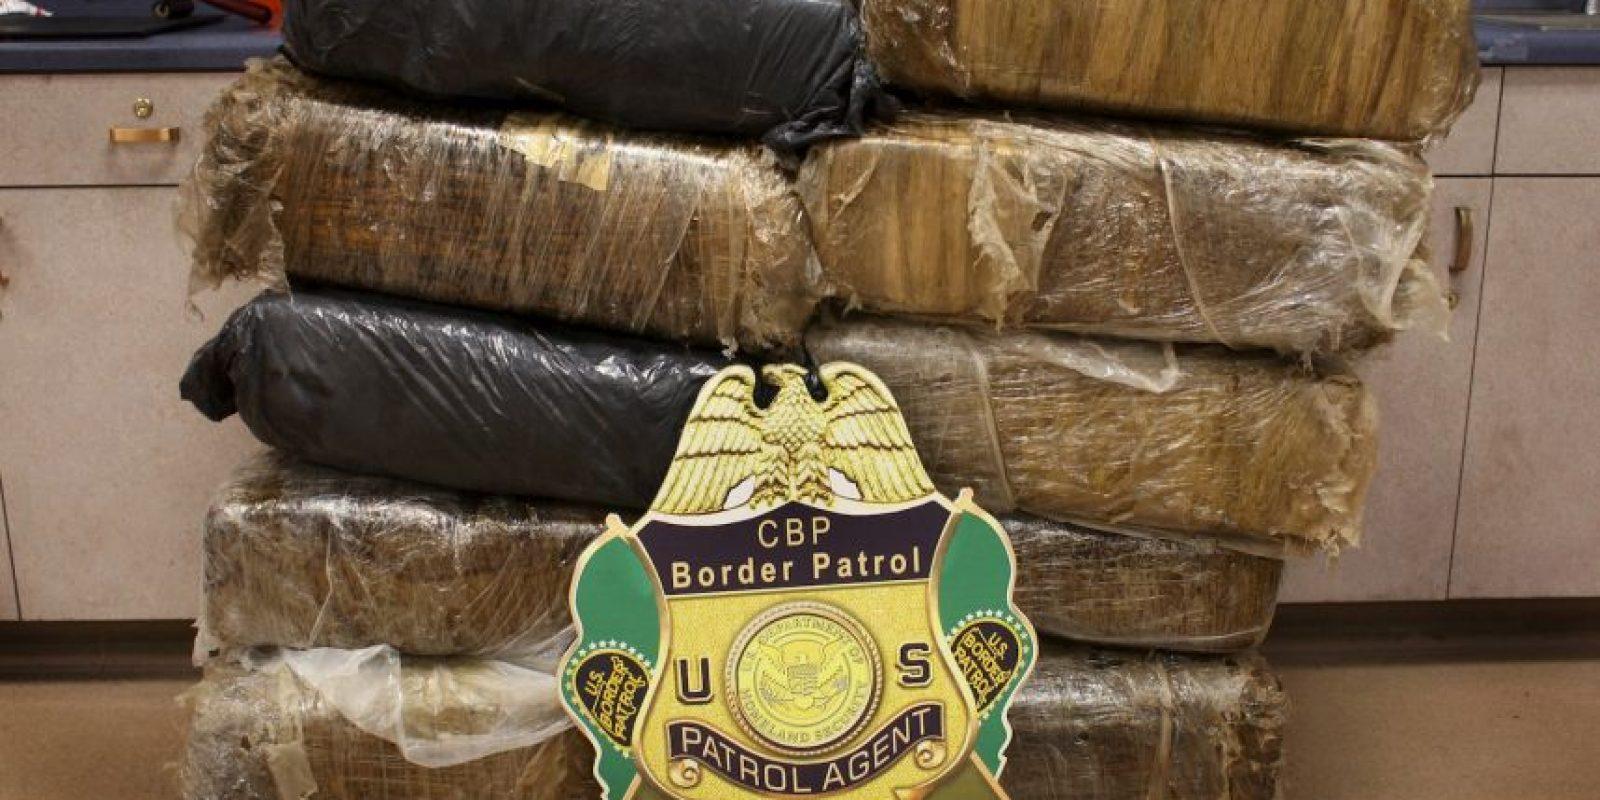 Pero no todo está perdido para los cárteles, porque la legalización de la marihuana les ha llevado a diversificar sus operaciones y a intensificar el tráfico de otras drogas a los Estados Unidos Foto:Getty. Imagen Por: